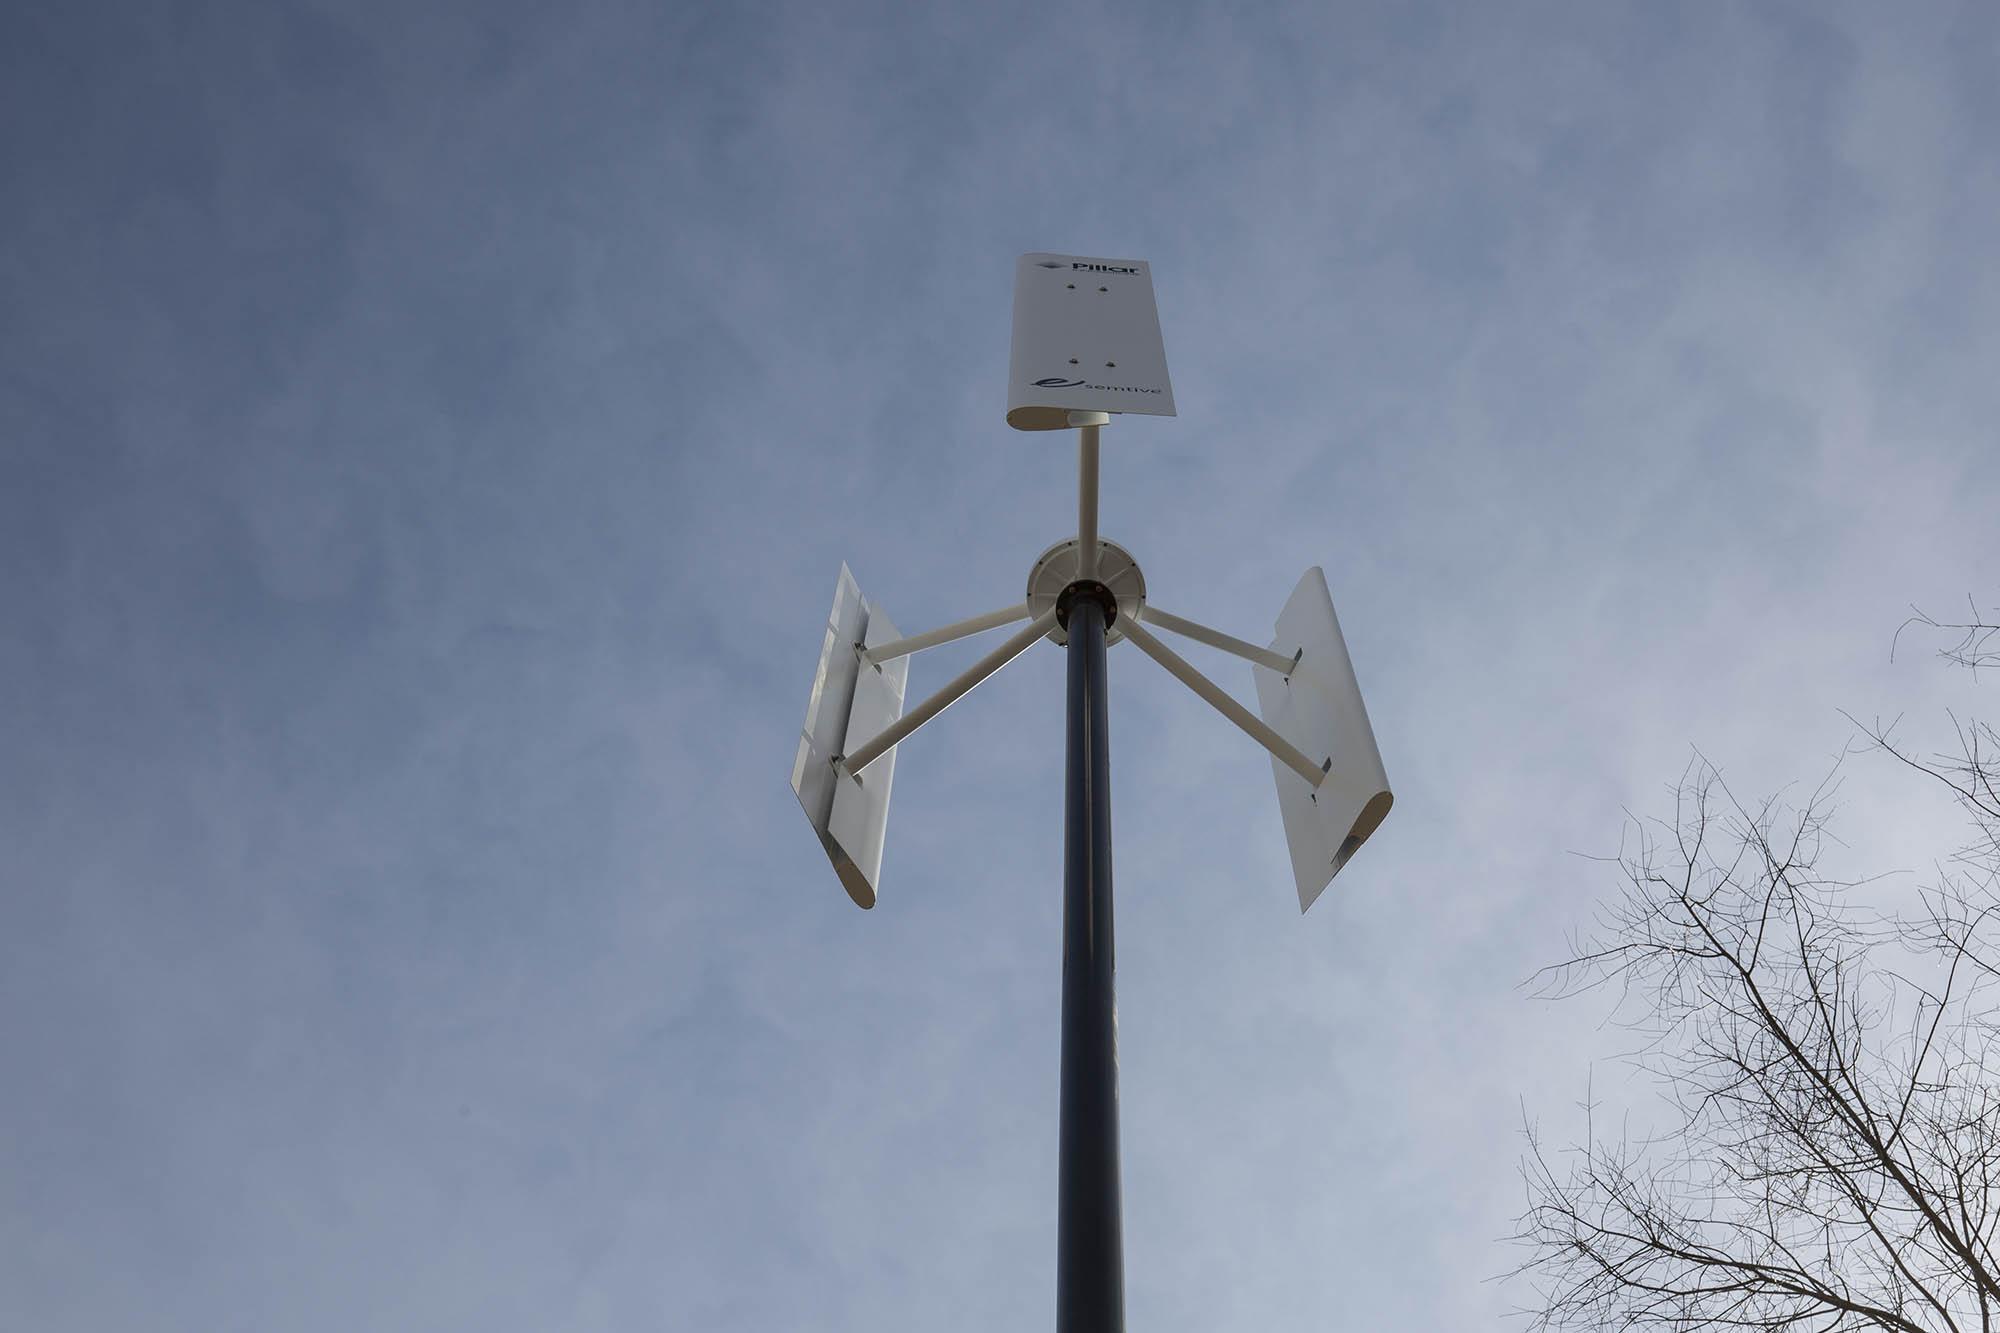 Off-Grid Wind Turbine Image